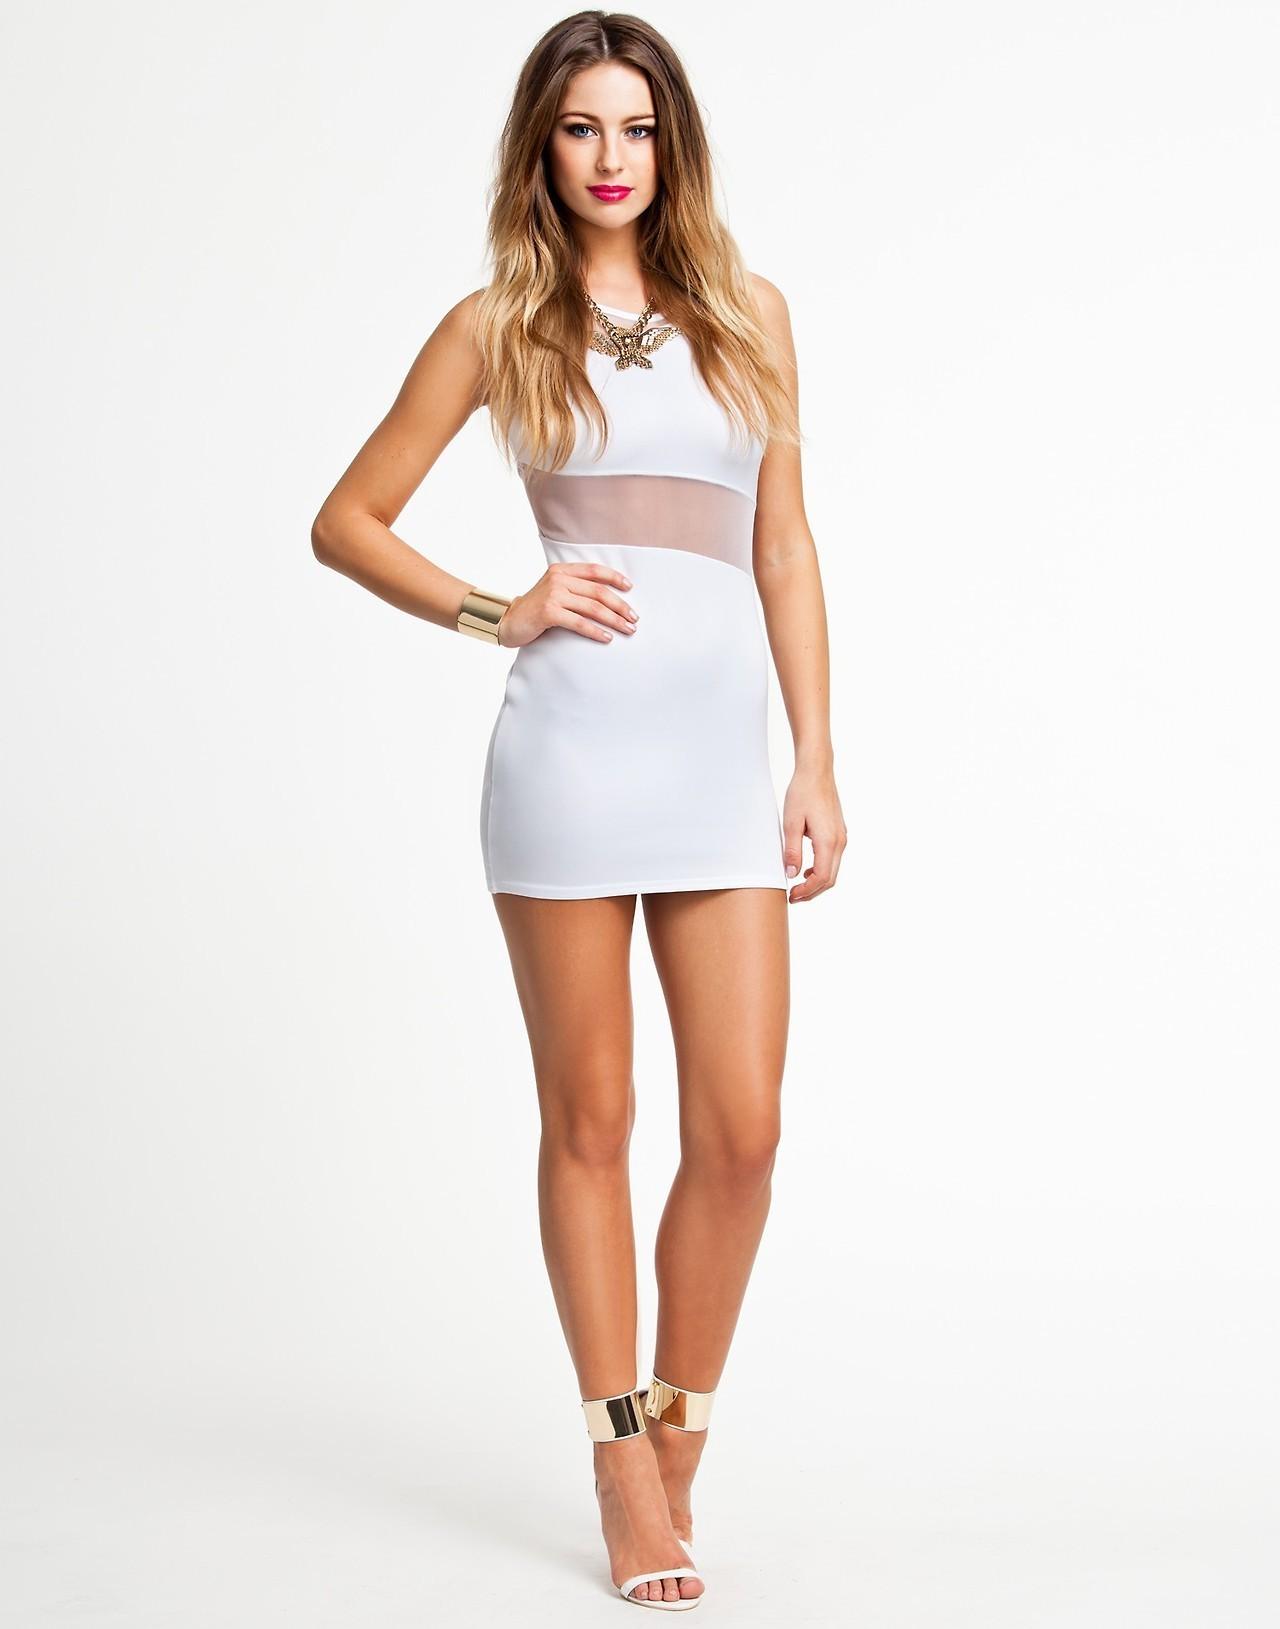 Hintergrundbilder : blond, weißes Kleid, weißer Hintergrund, Muster ...